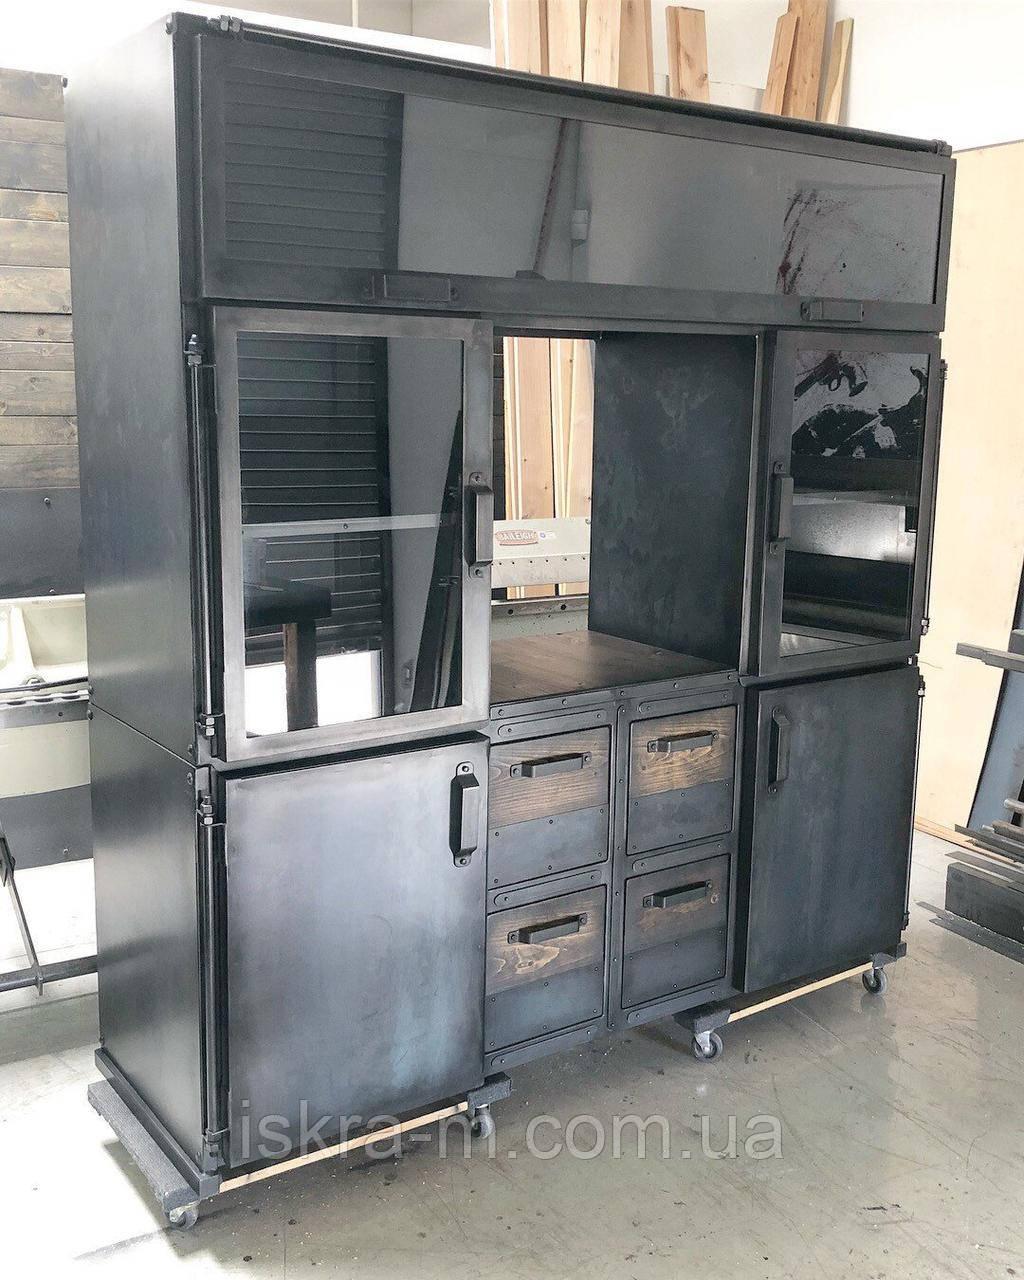 Офисный шкаф стиль индастриал